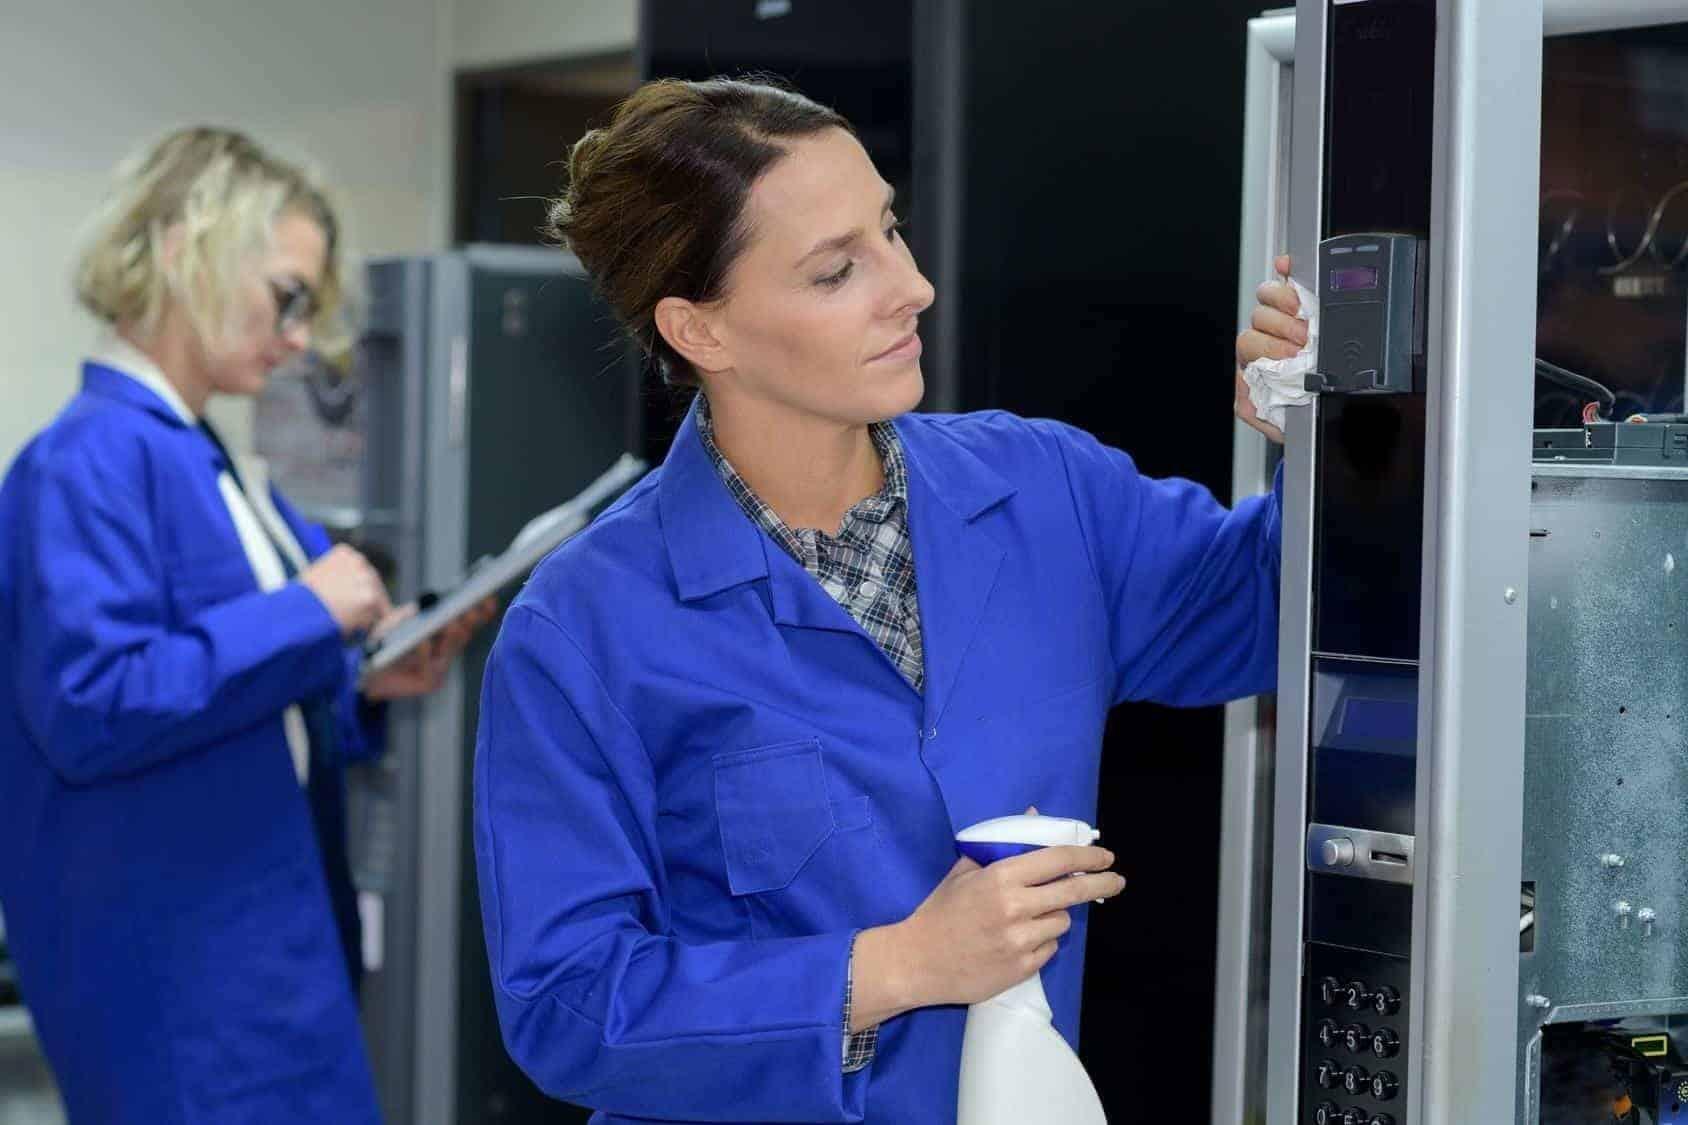 La distribution automatique est sujette au règlement sanitaire